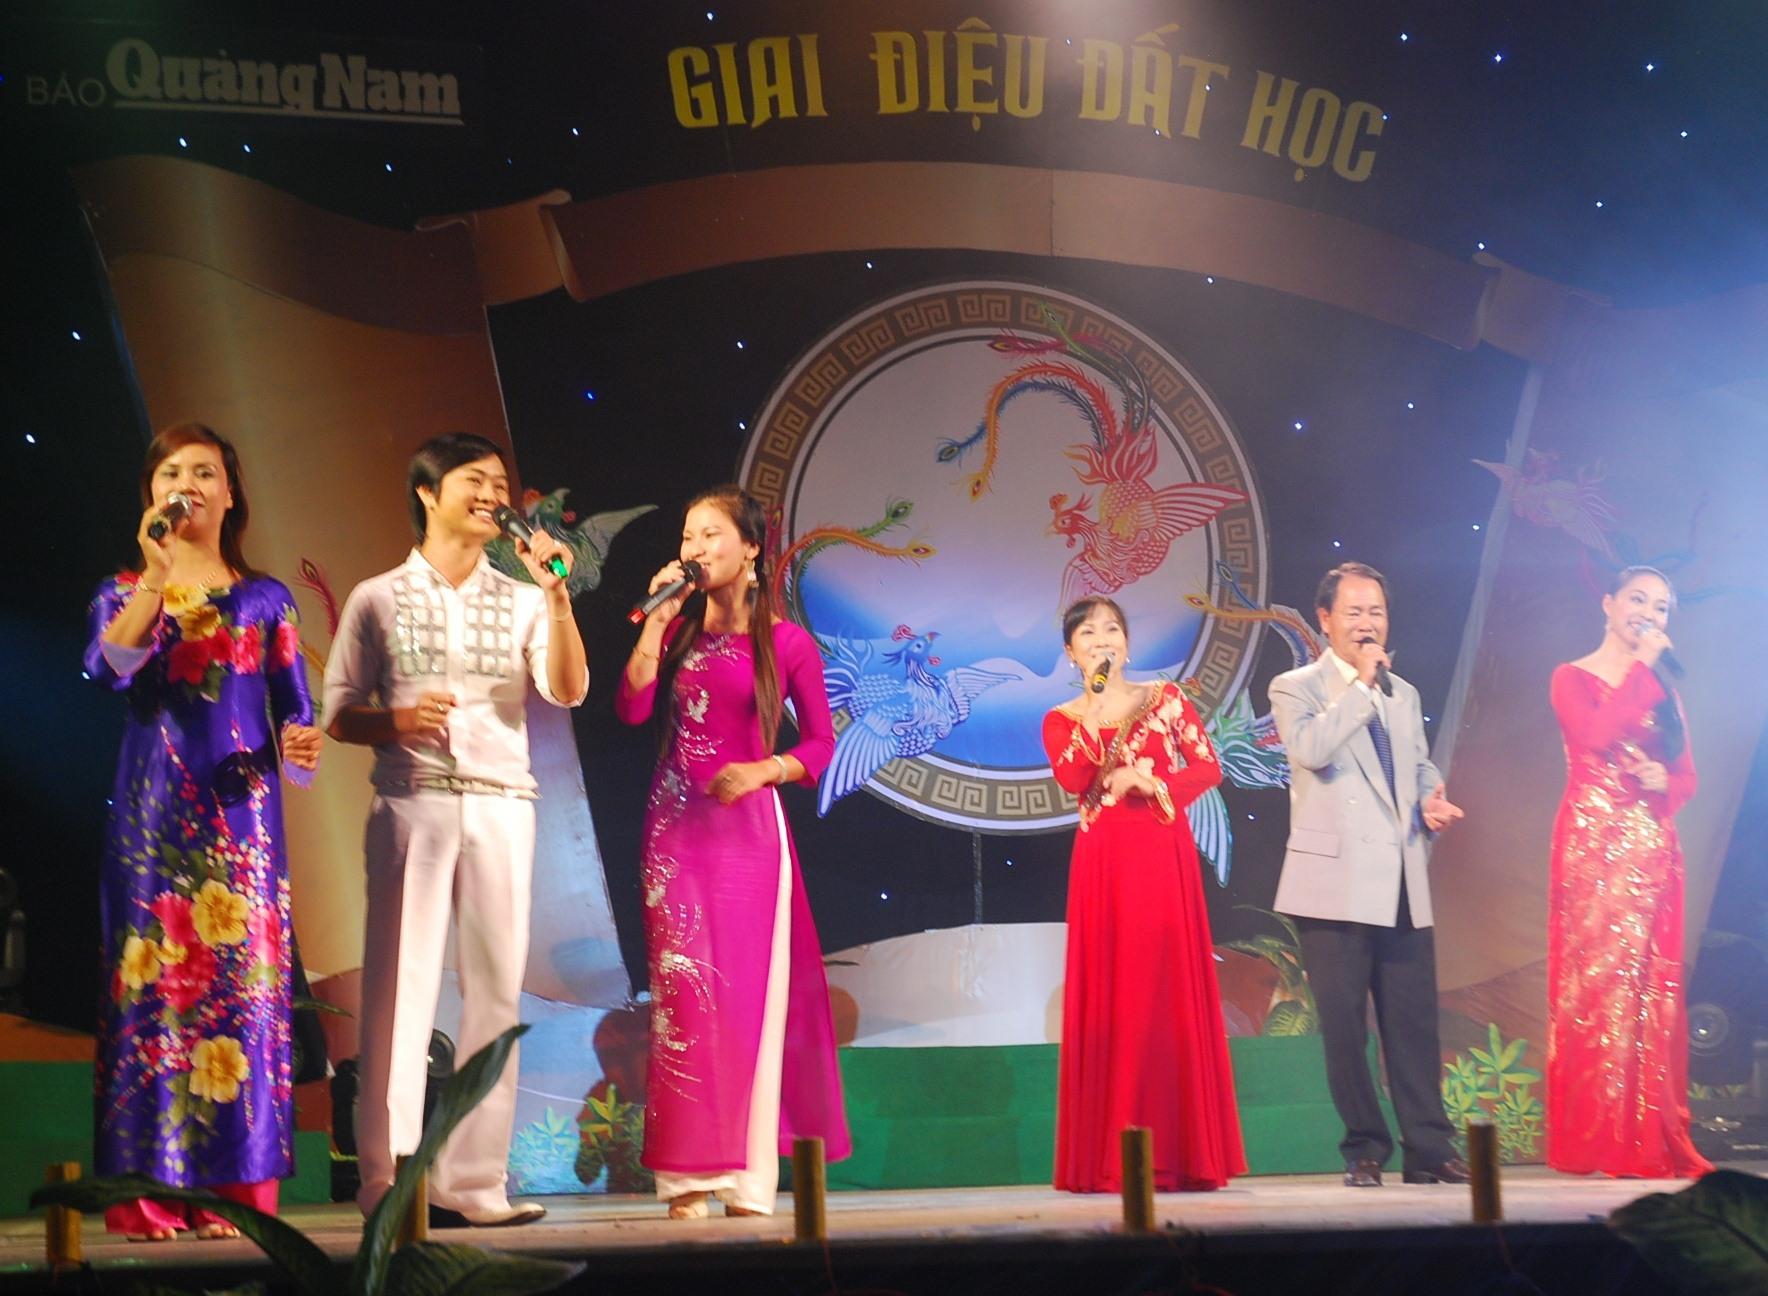 Vũ Đức Sao Biển với Chương trình Giai điệu đất học, gây quỹ Ươm mầm tài năng đất Quảng, do Báo Quảng Nam tổ chức.